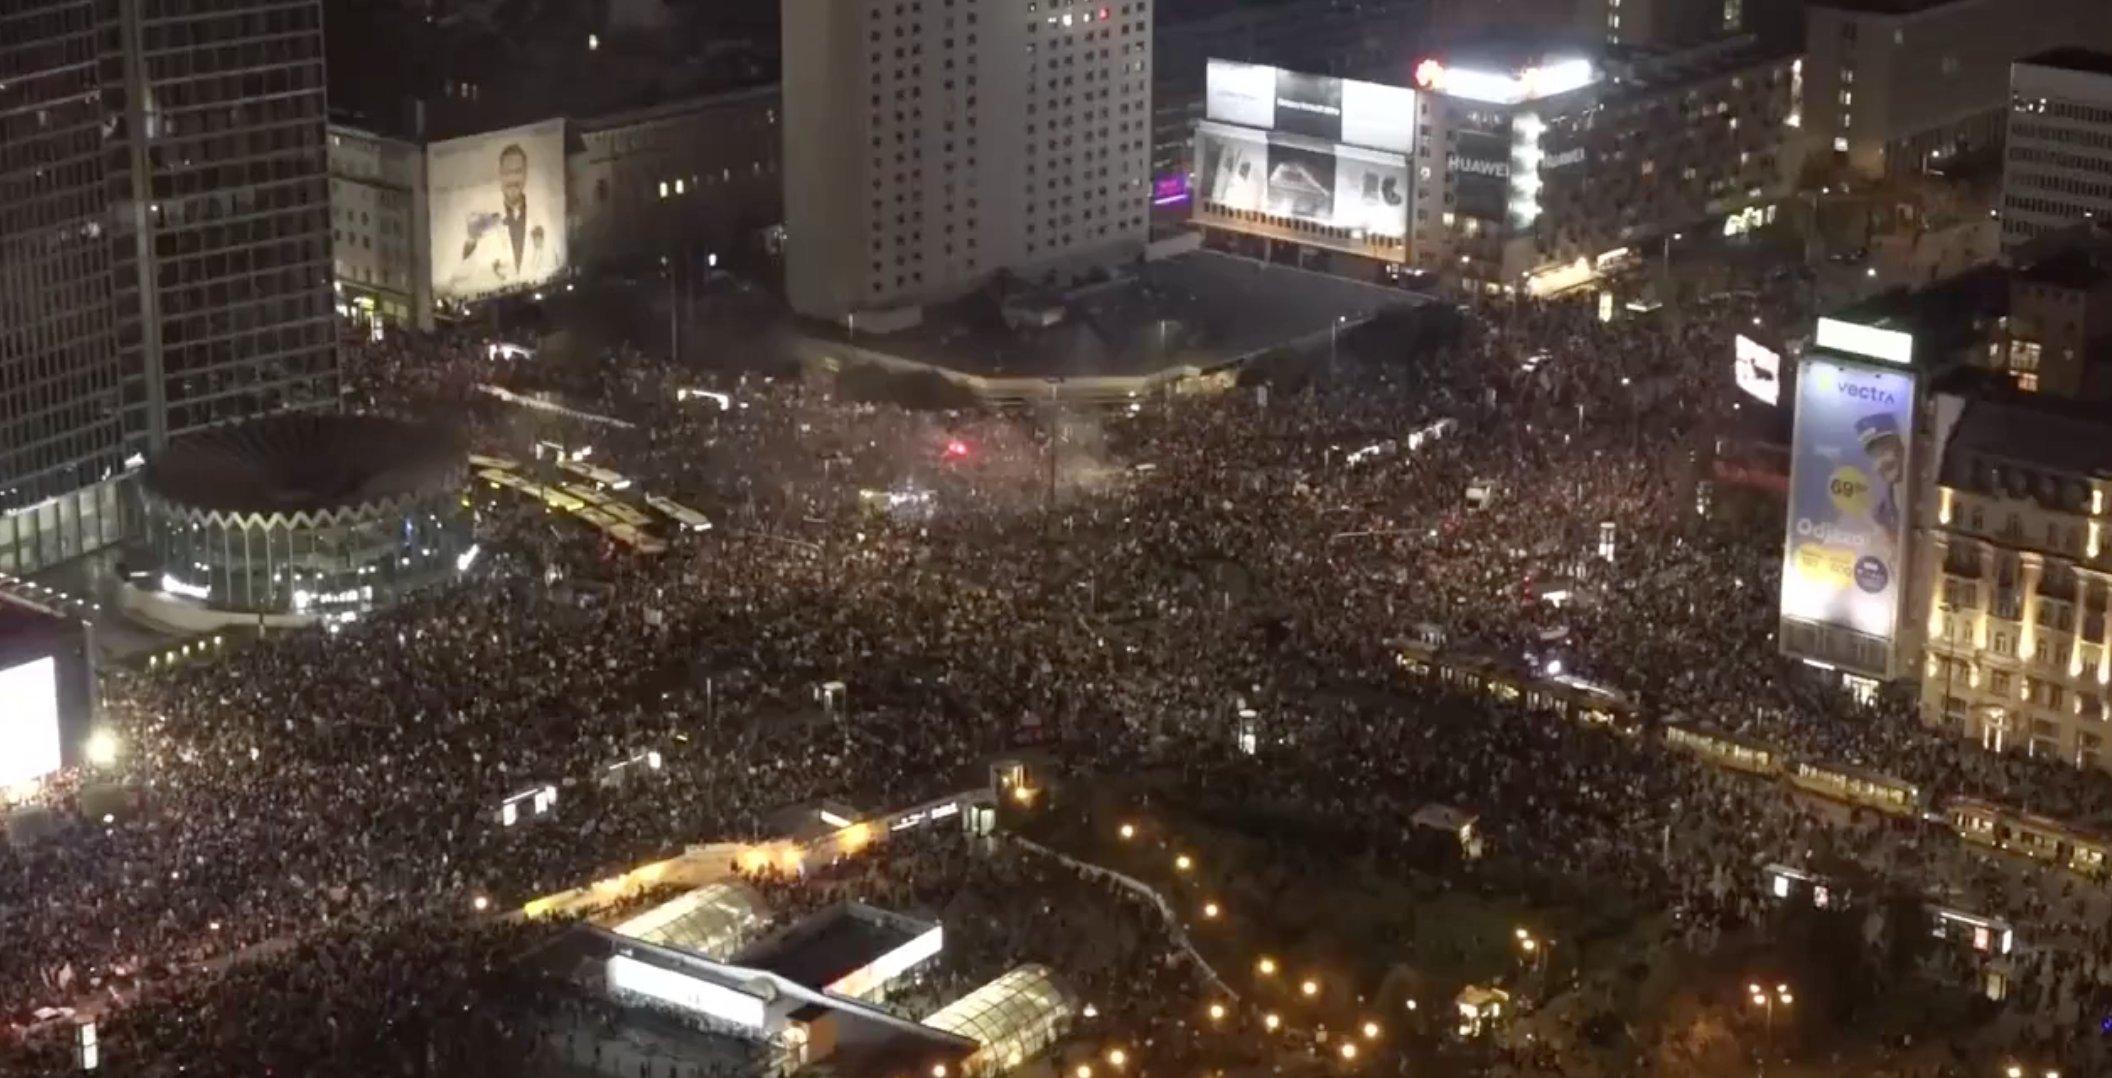 Százezres tömeg tüntet az abortusztilalom ellen Varsó utcáin